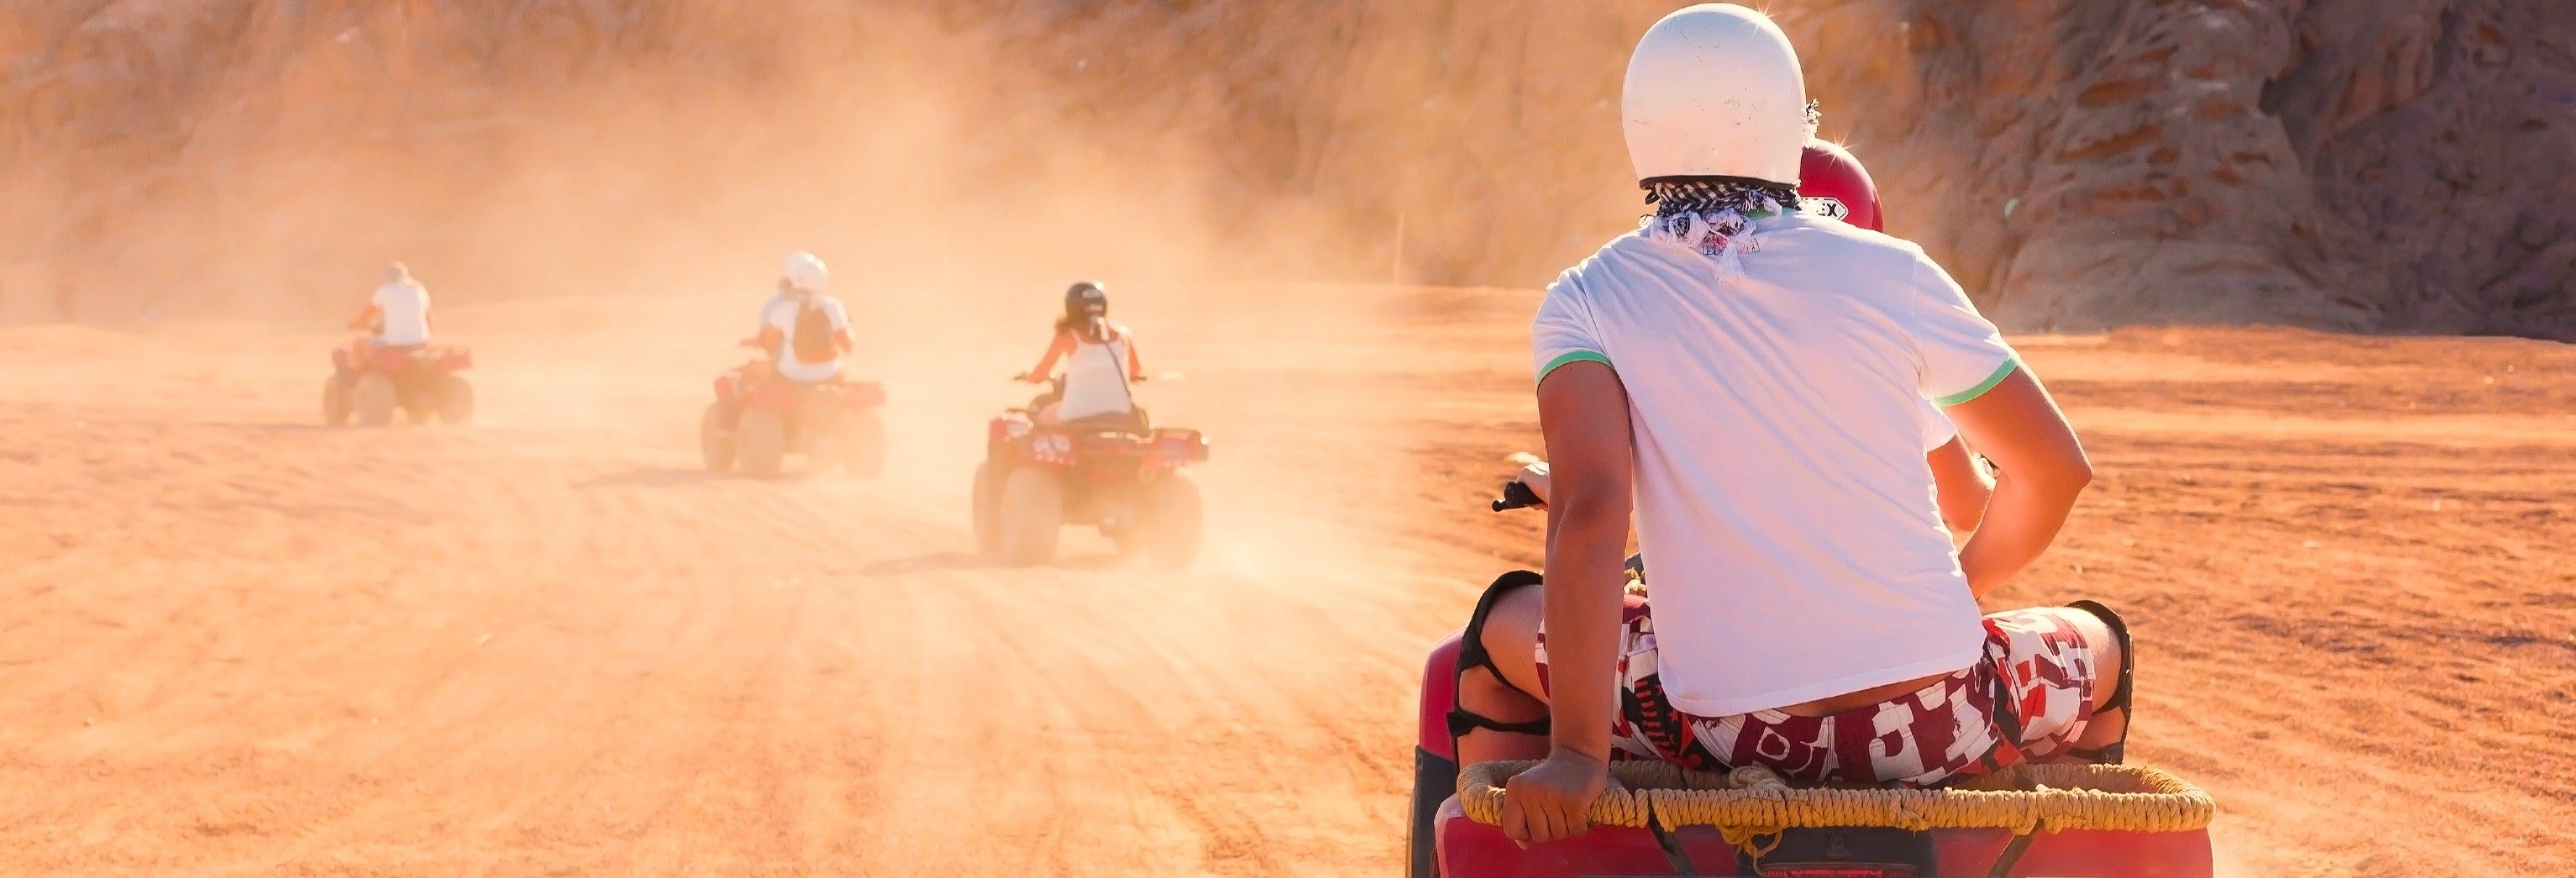 Sinai Desert Quad bike Tour